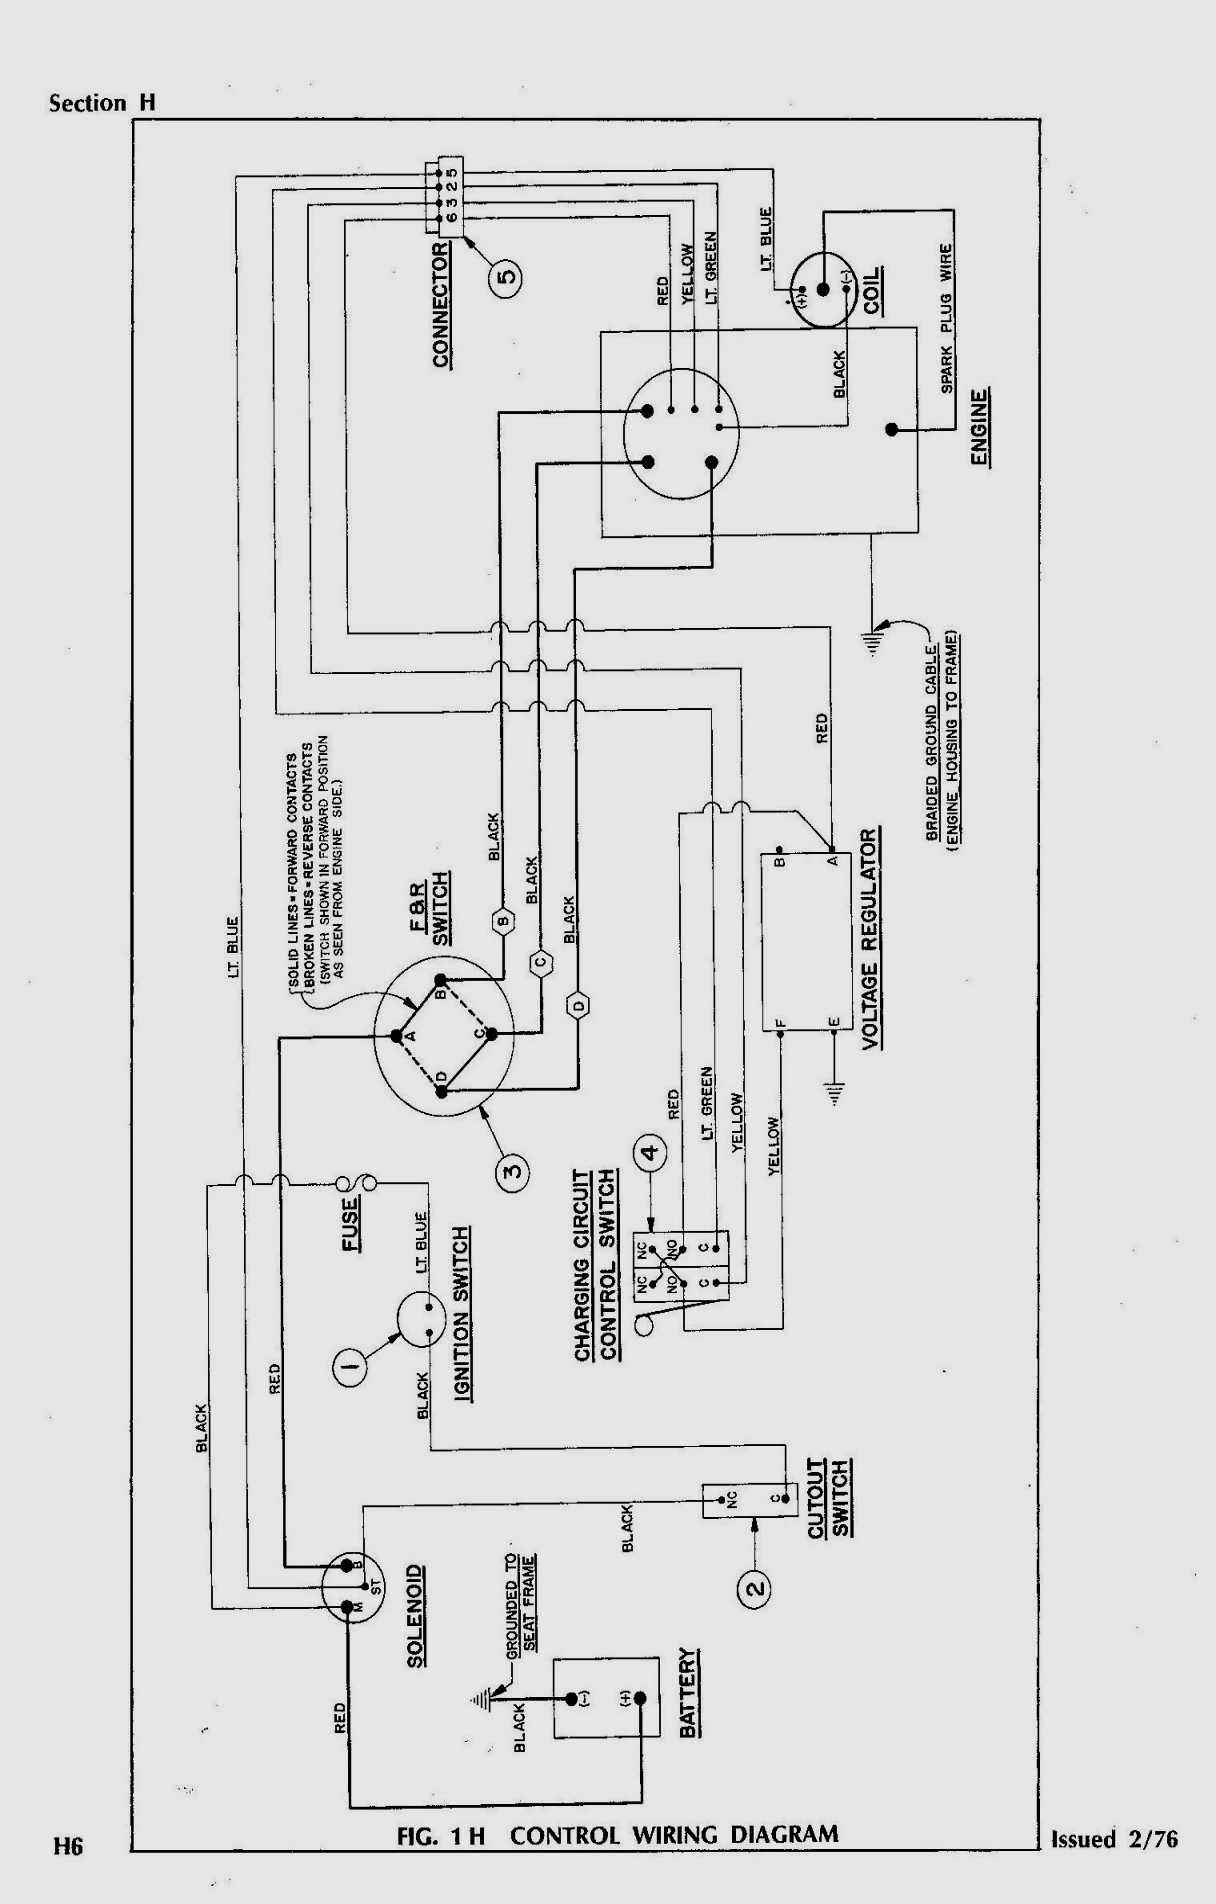 1204 Curtis Controller Wiring Diagram | Wiring Library - Curtis Controller Wiring Diagram